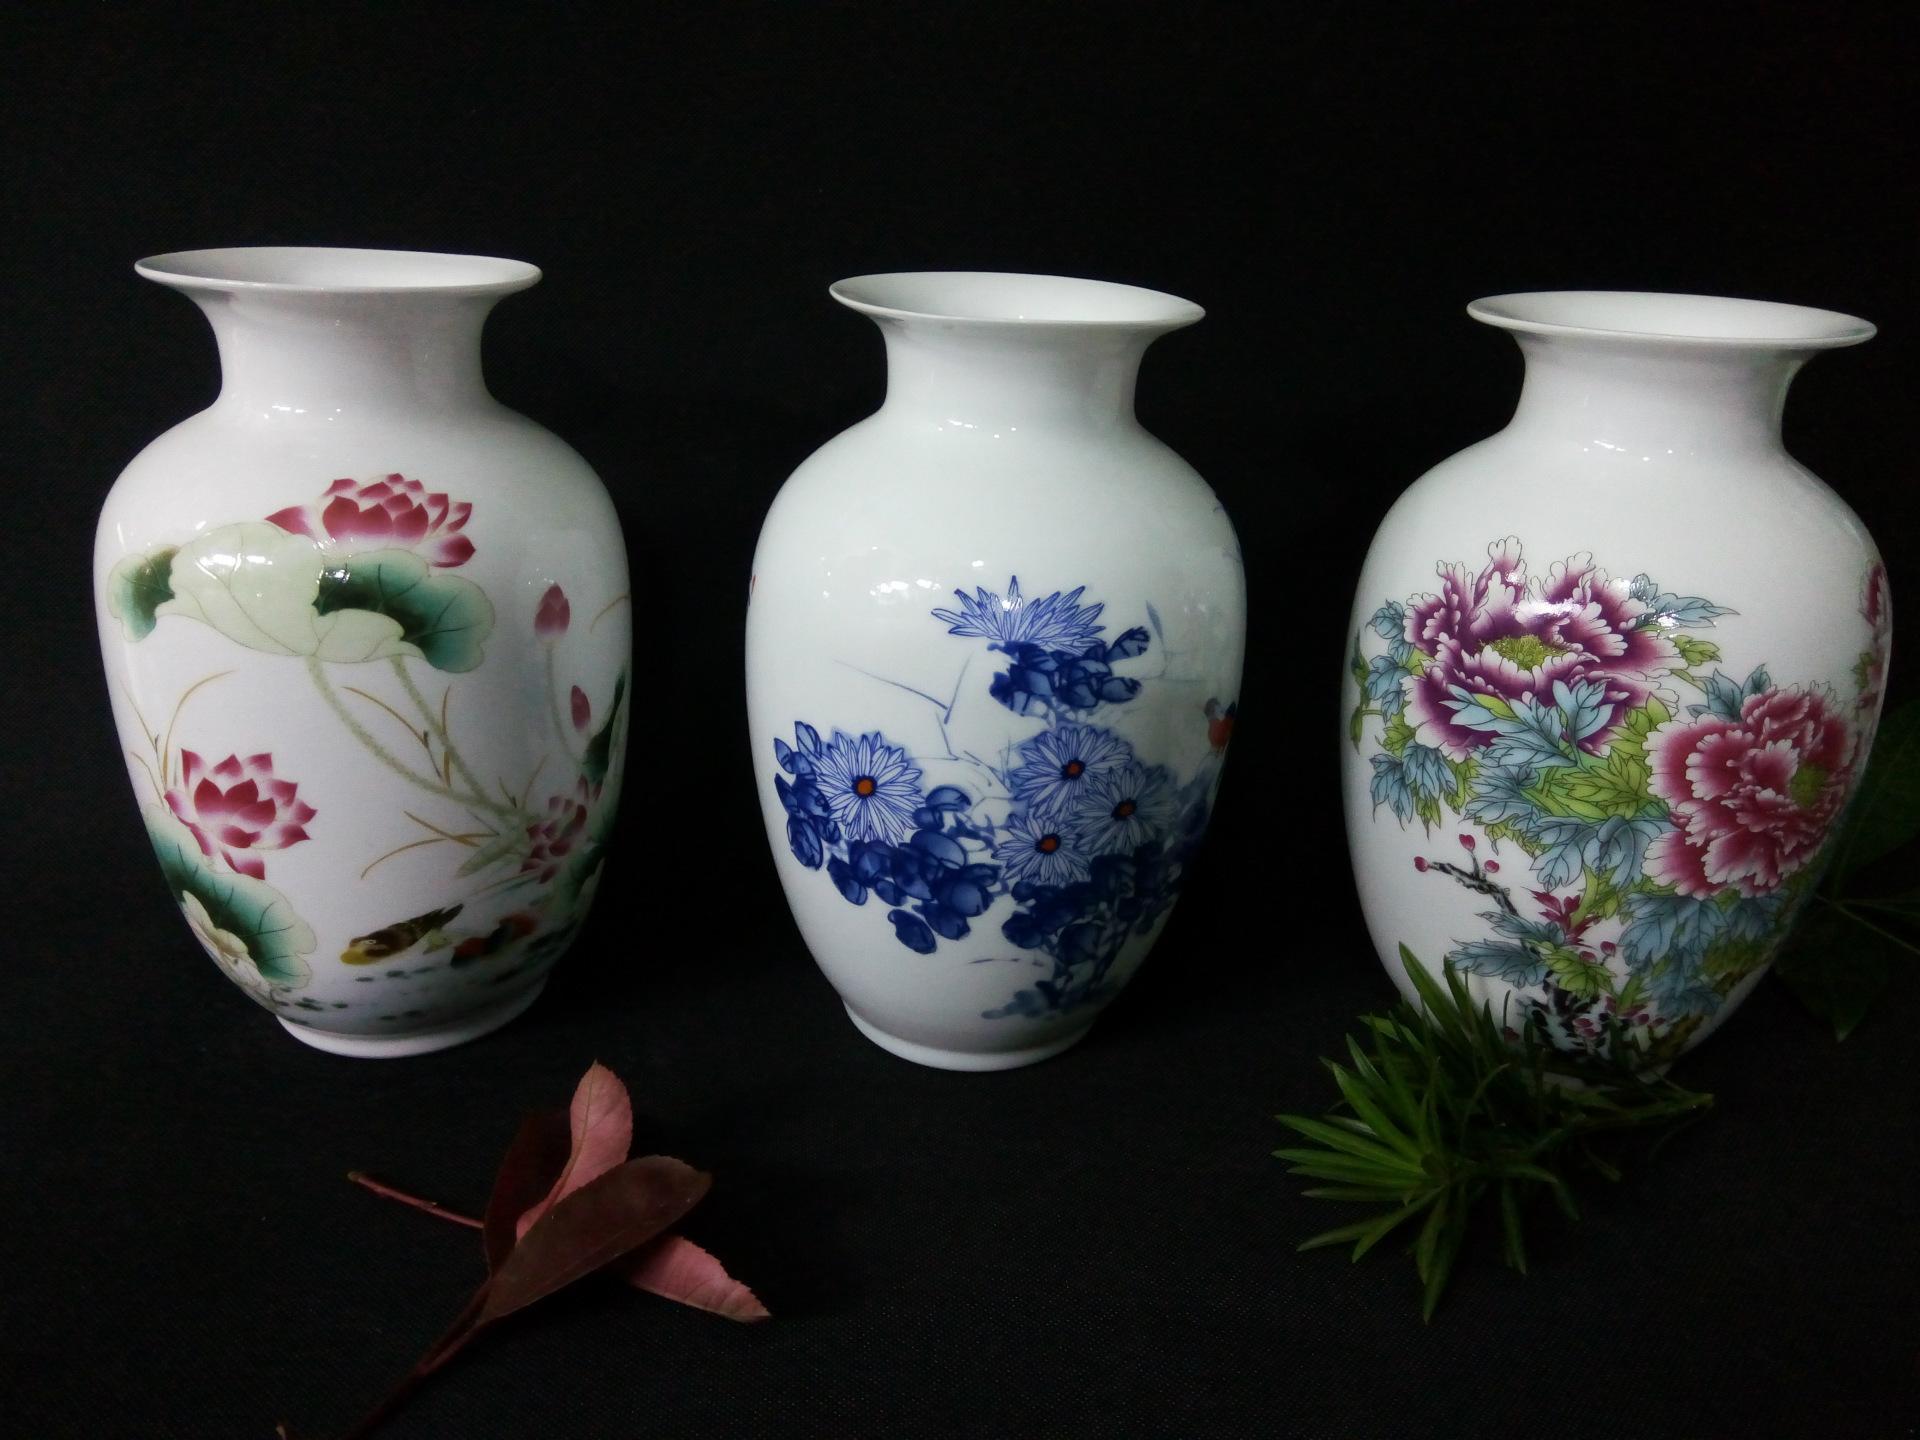 景德镇高档高白陶瓷 高白泥装饰陶瓷 佳节赠送佳品 陶瓷摆件